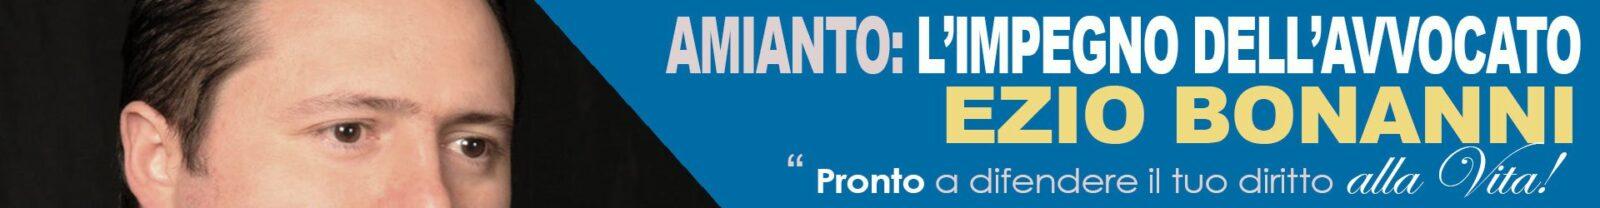 Ezio Bonanni avvocato contro l'amianto